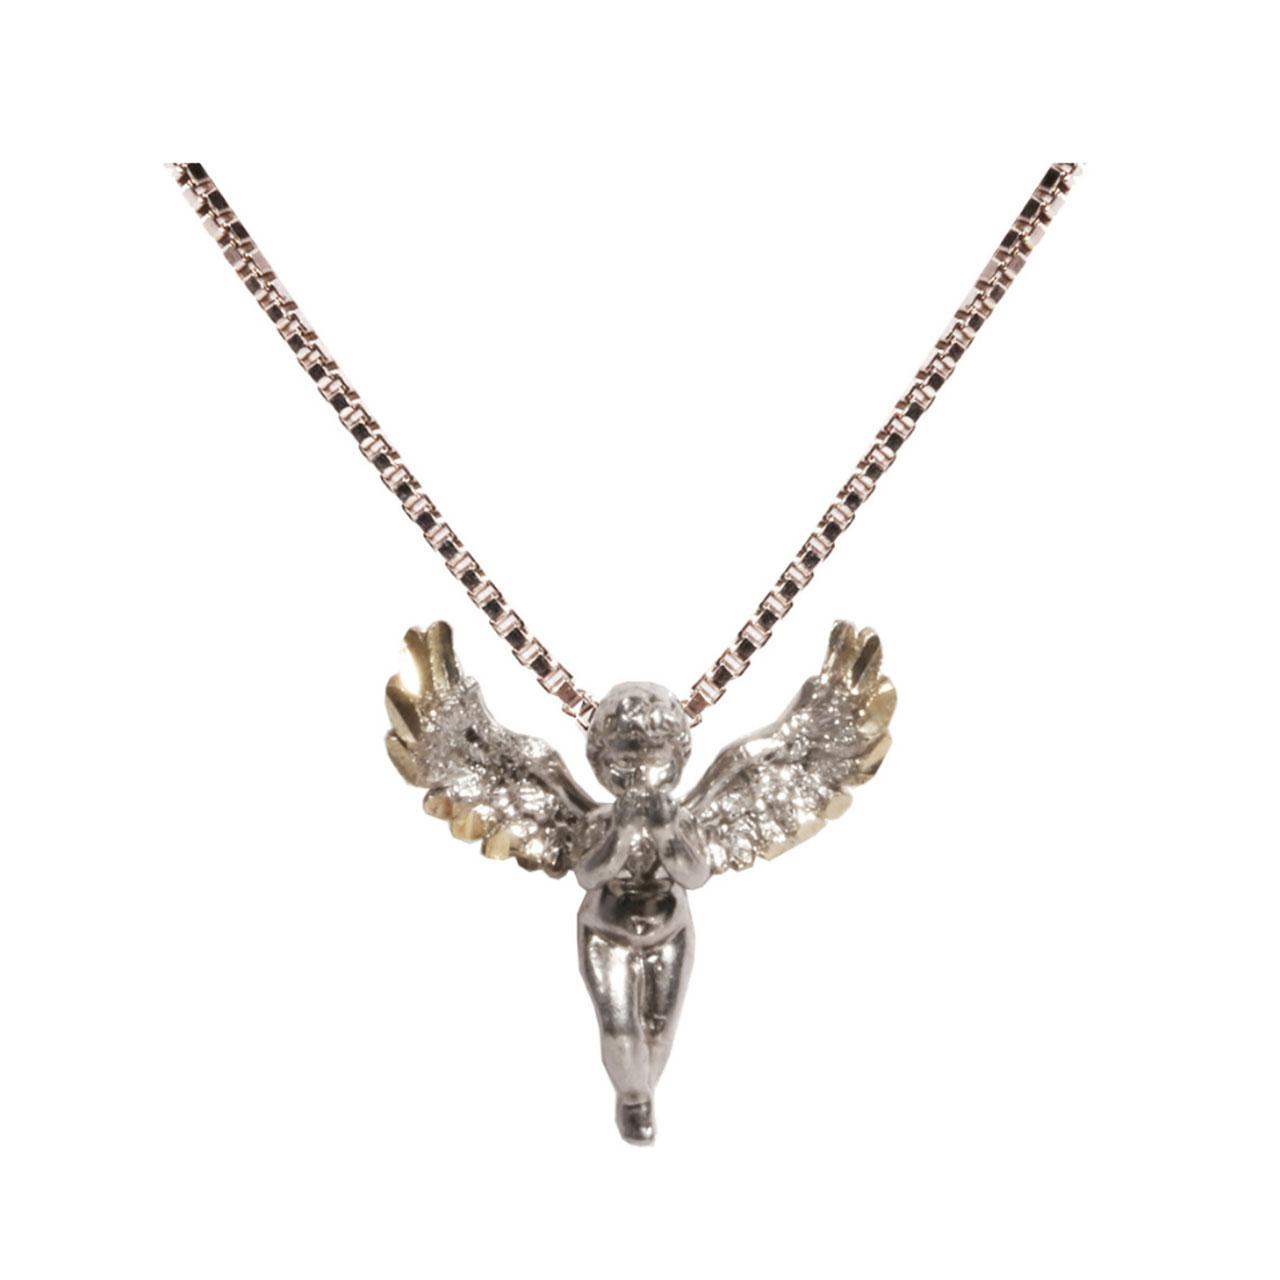 قیمت گردنبند فرشته نقره کد 158